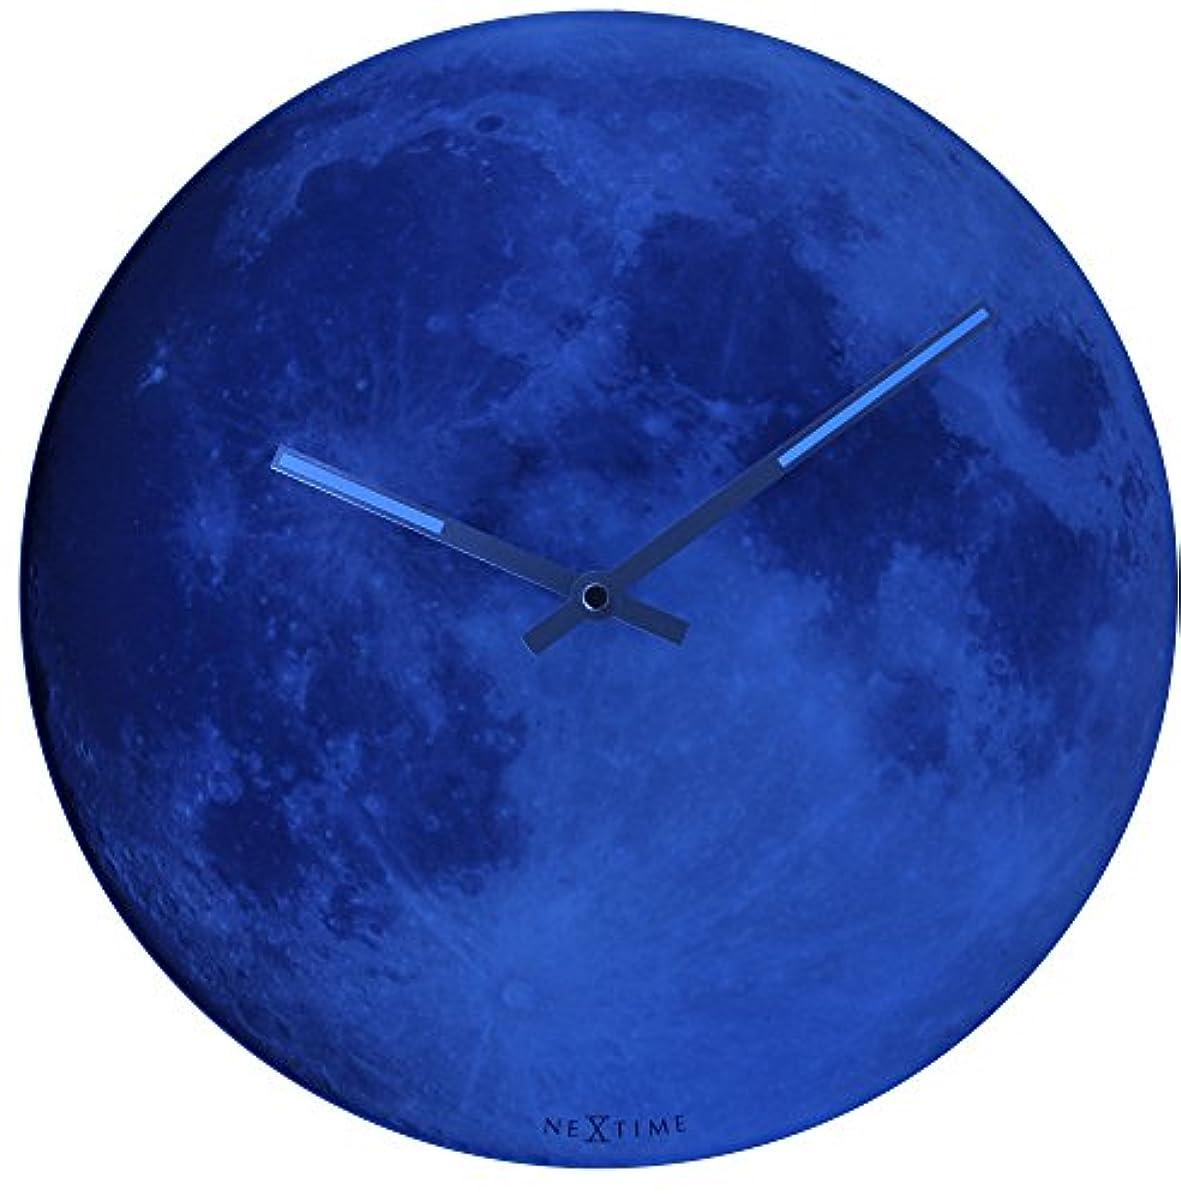 [해외] NEXTIME BLUE MOON 아날로그 벽시계 블랙 8634